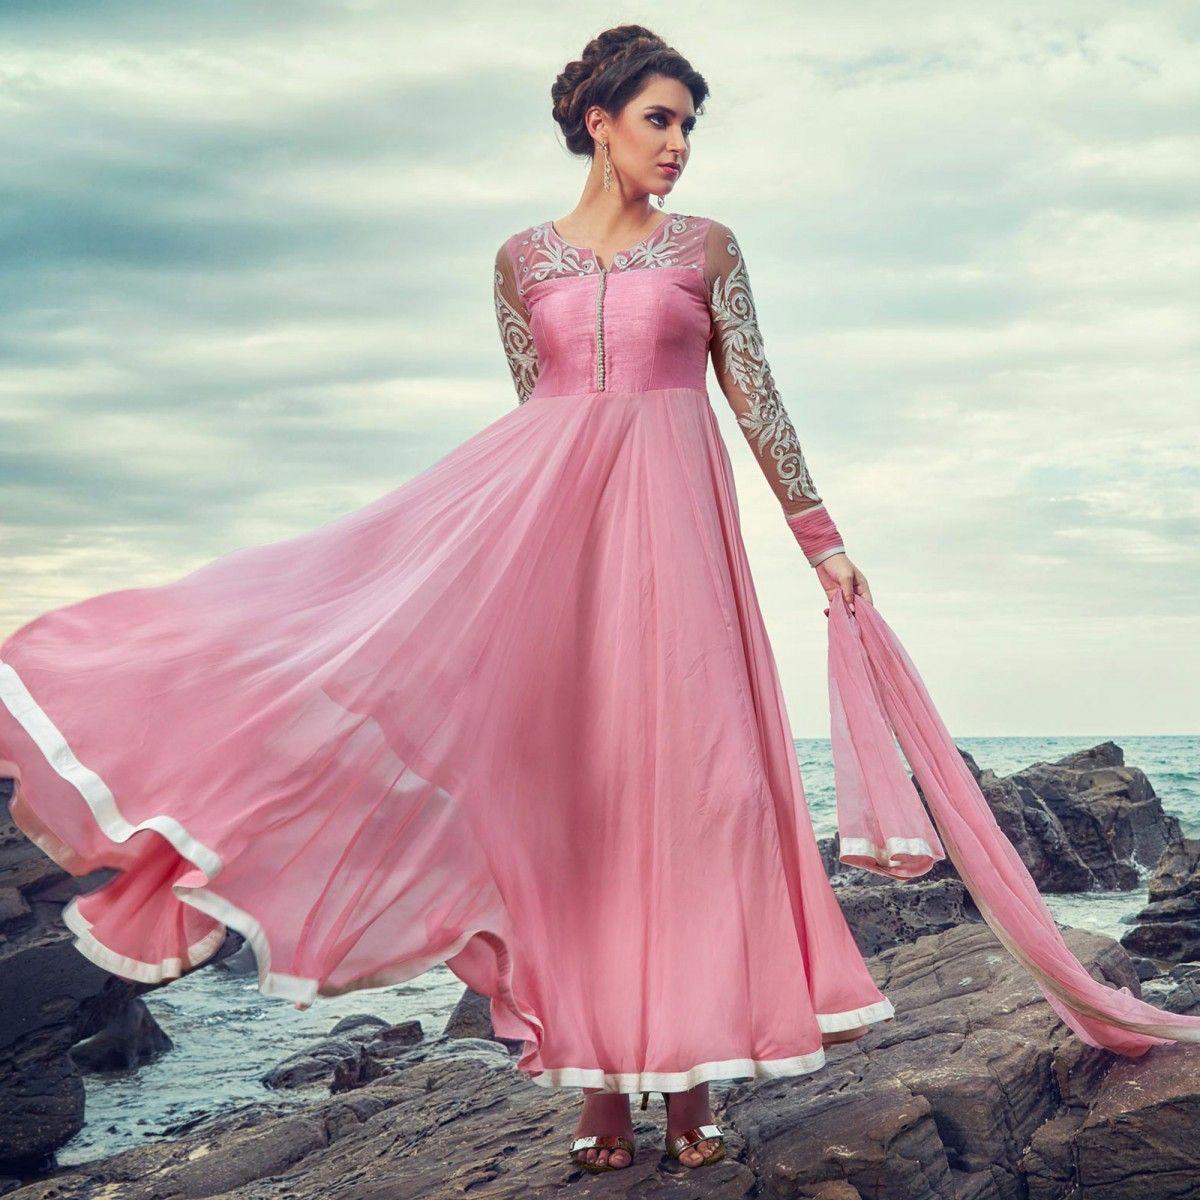 Único Vestidos De Fiesta Online India Ornamento - Colección de ...